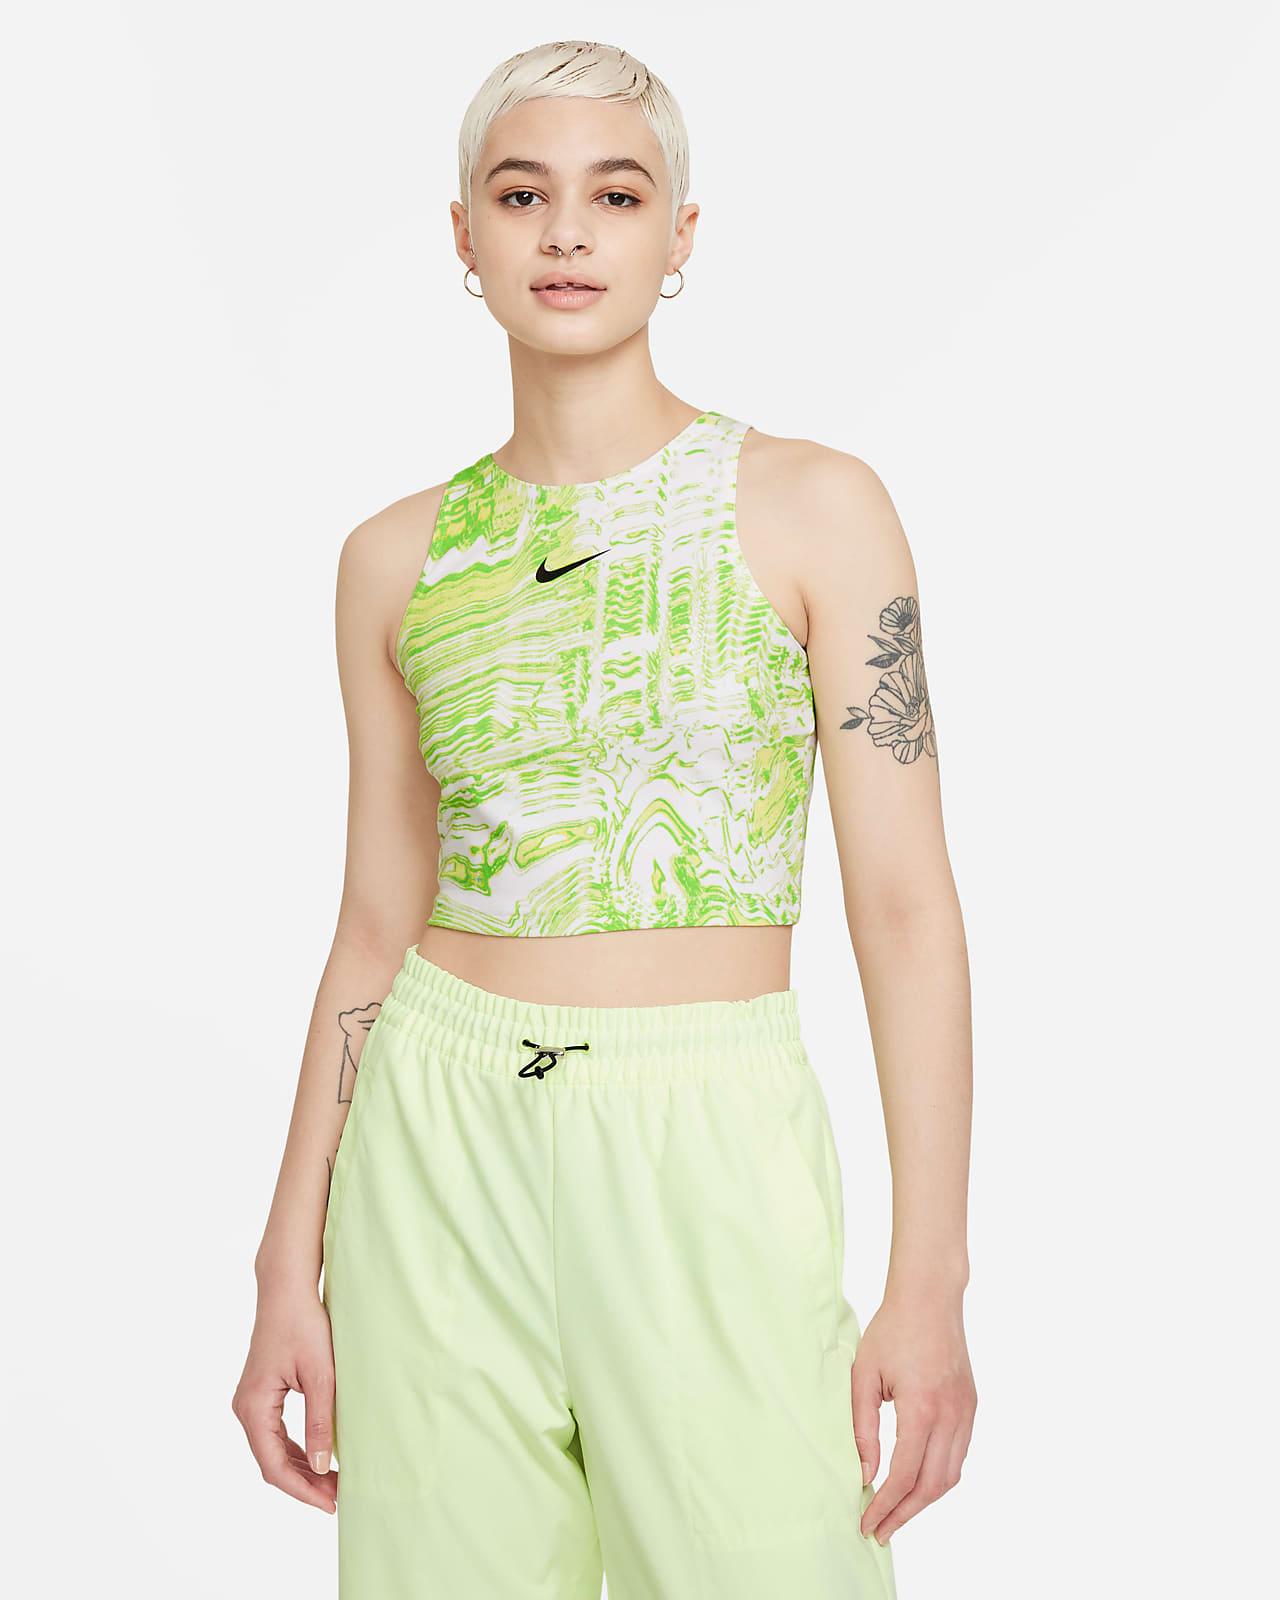 Nike Sportswear Women's Dance Tank